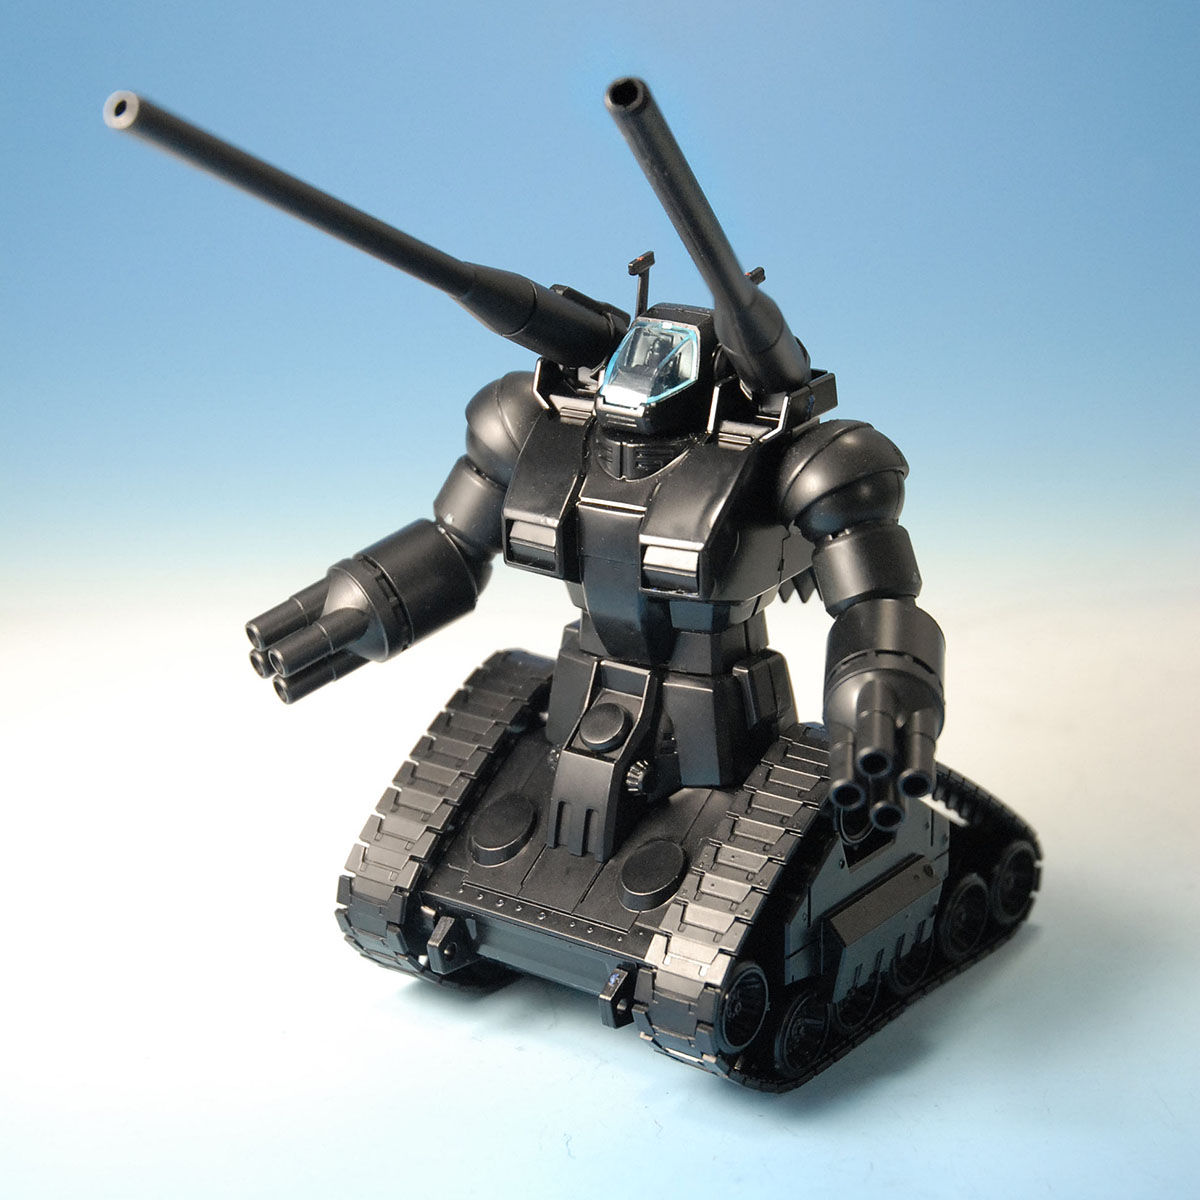 HGUC 1/144 RX-75 エコプラ ガンタンク [ECOPLA GUNTANK]